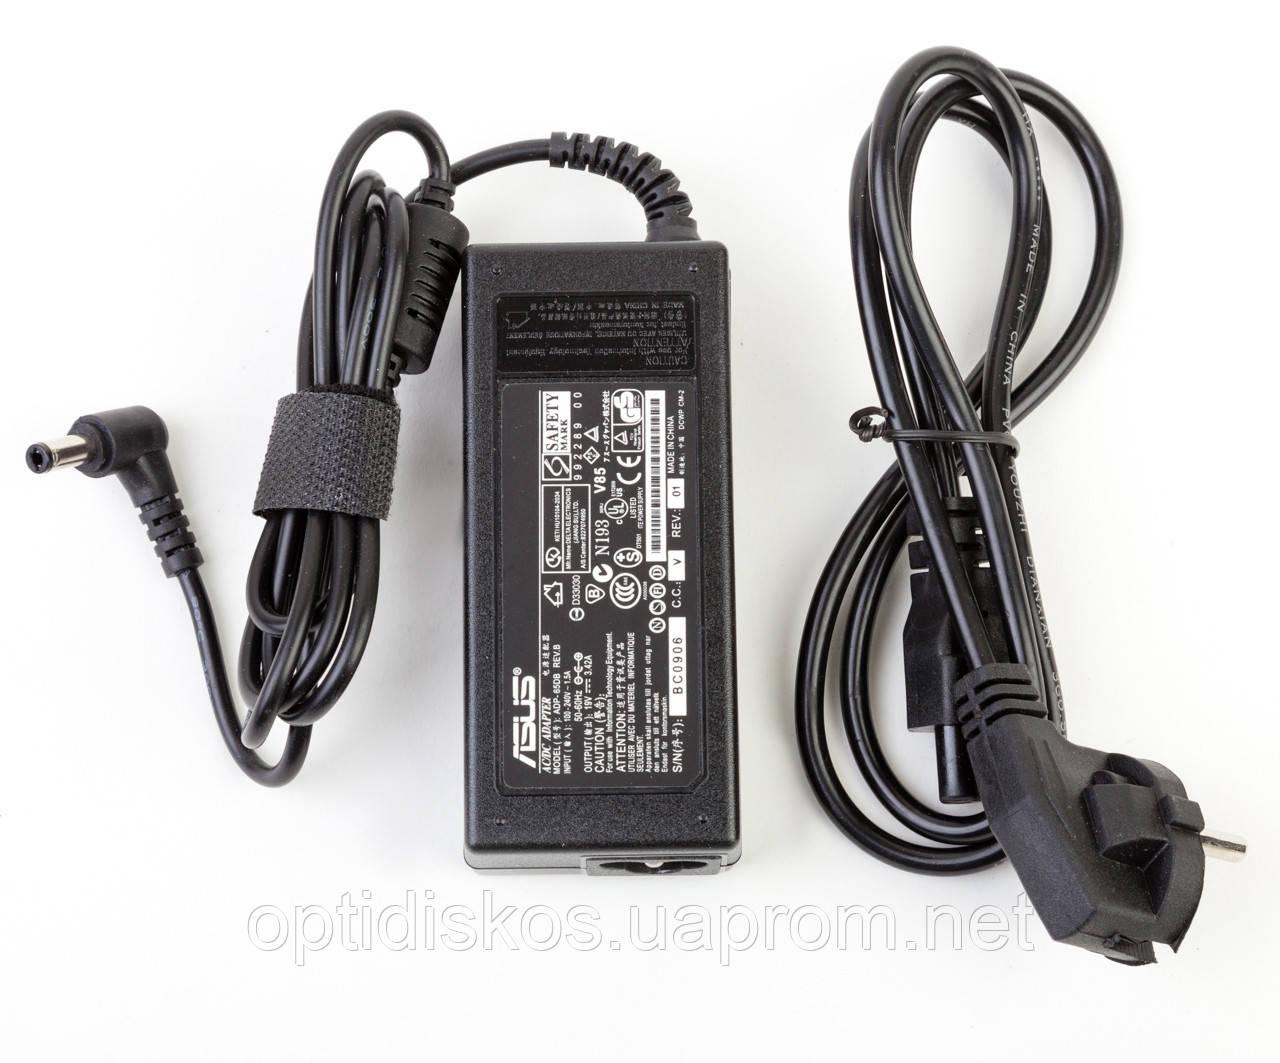 Сетевой адаптер питания UKC для ноутбуков Asus, 19V, 3,42A, AS-739, 5,5x2,5